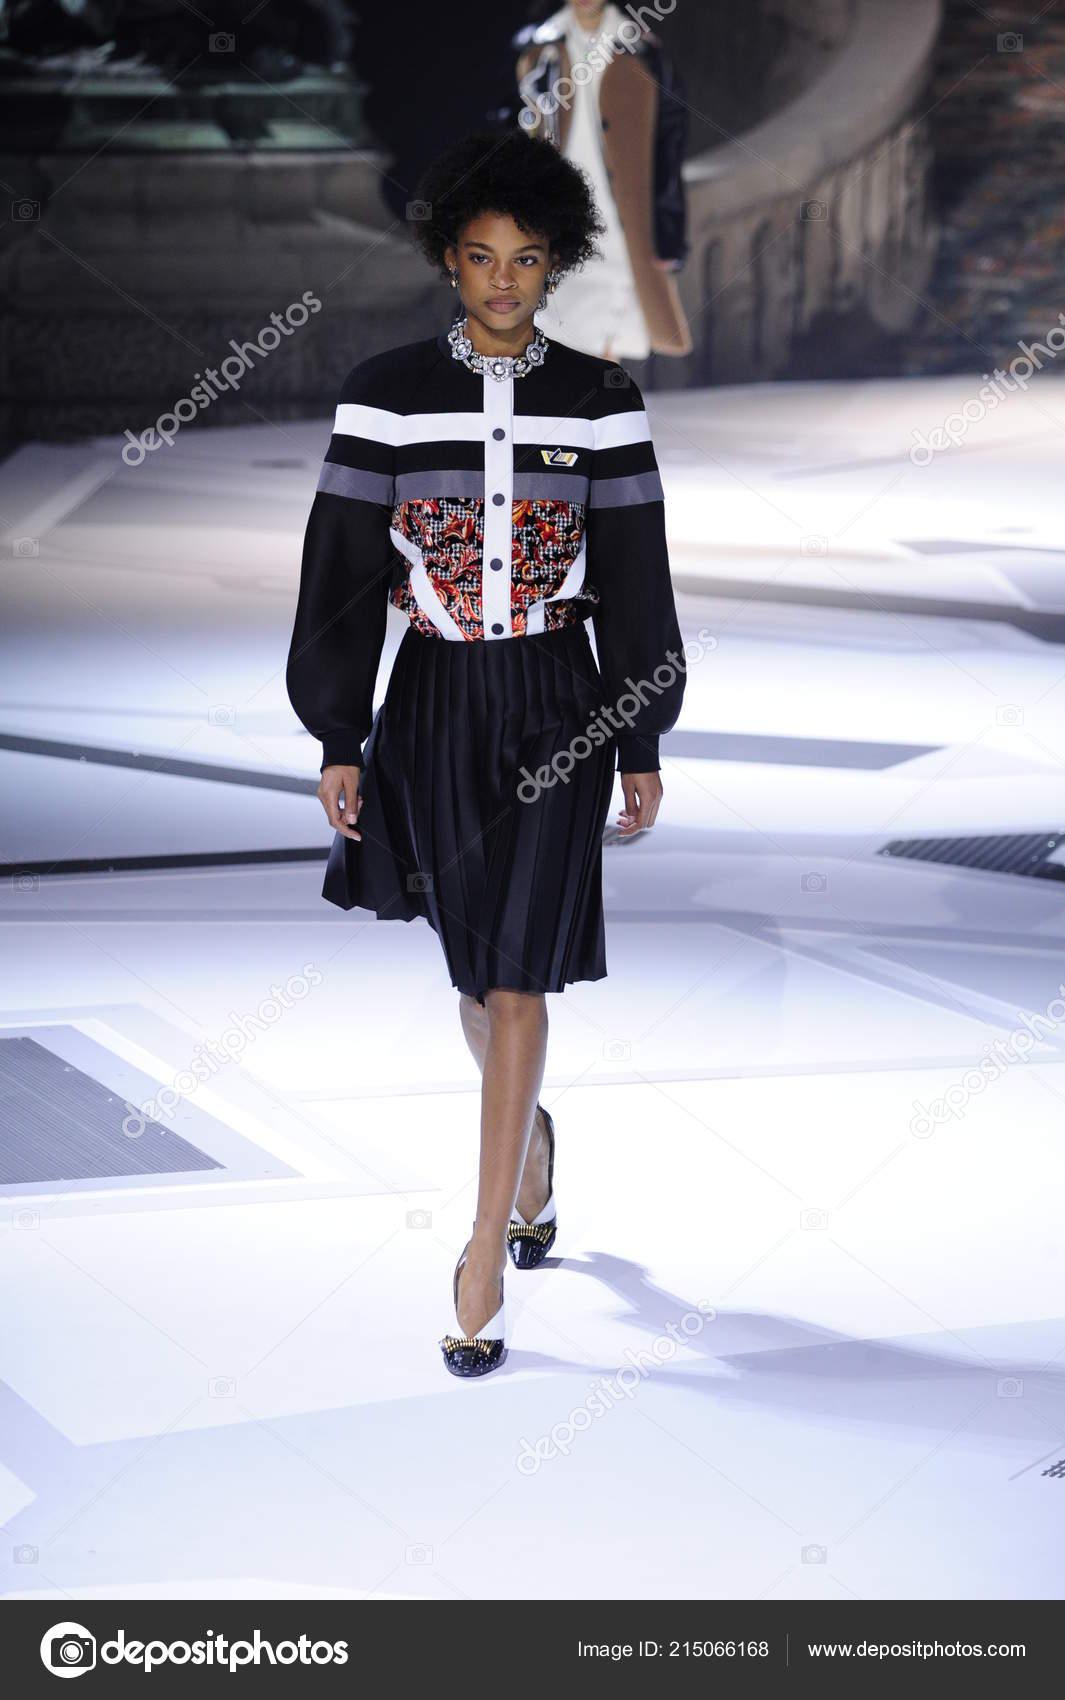 78fa1f1762e Paris France March Model Walks Runway Louis Vuitton Show Part ...